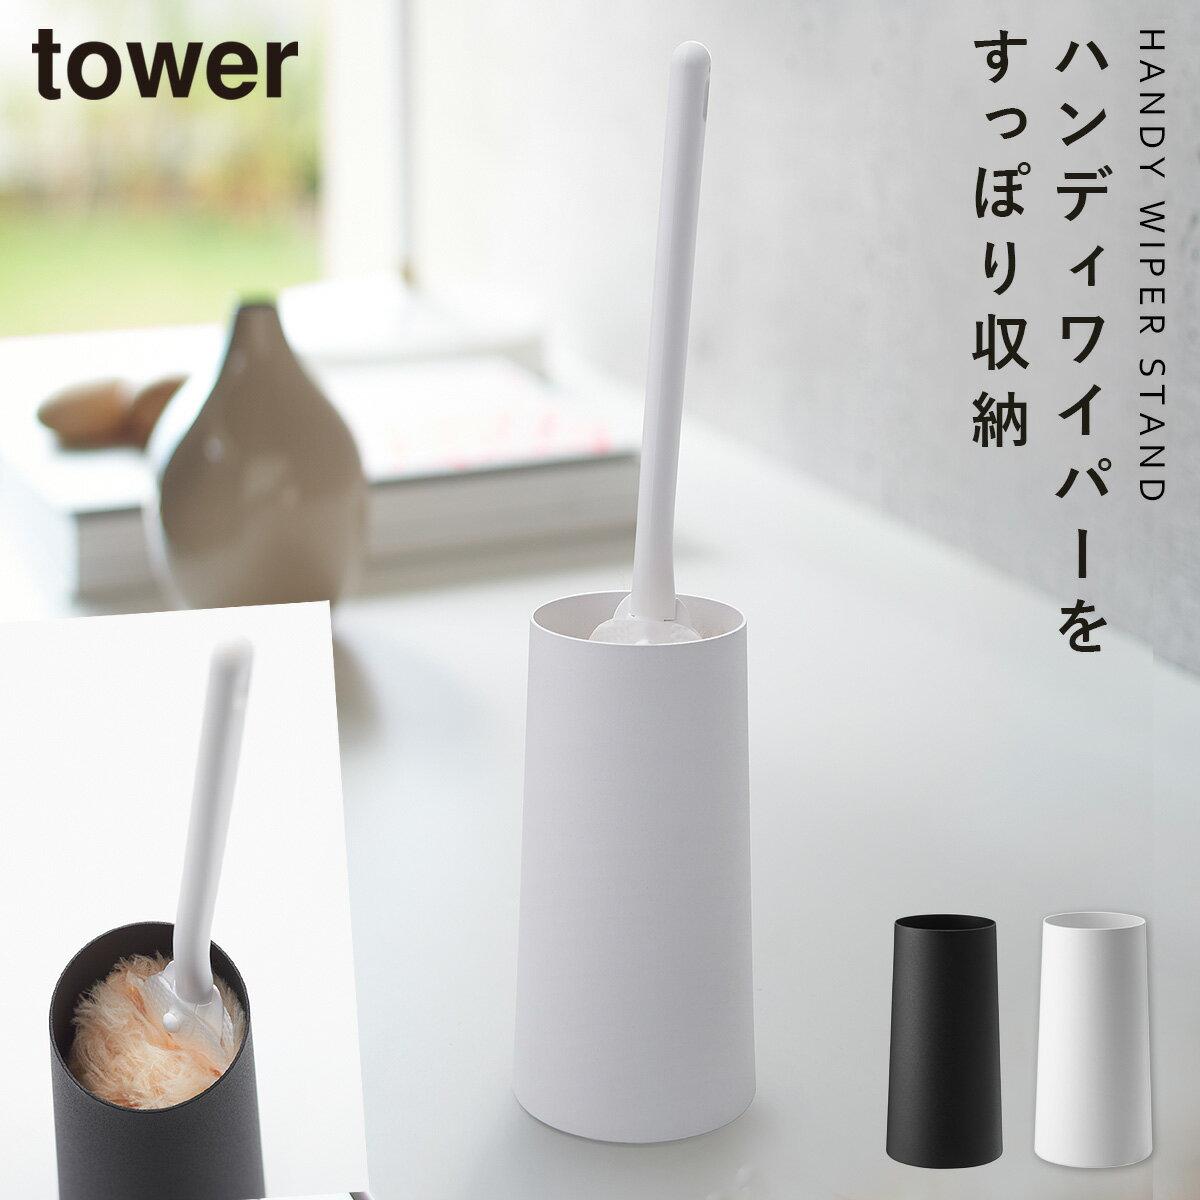 ワイパースタンド ハンディーワイパー ワイパー ハンディーワイパースタンド タワー 白い 黒 tower 山崎実業